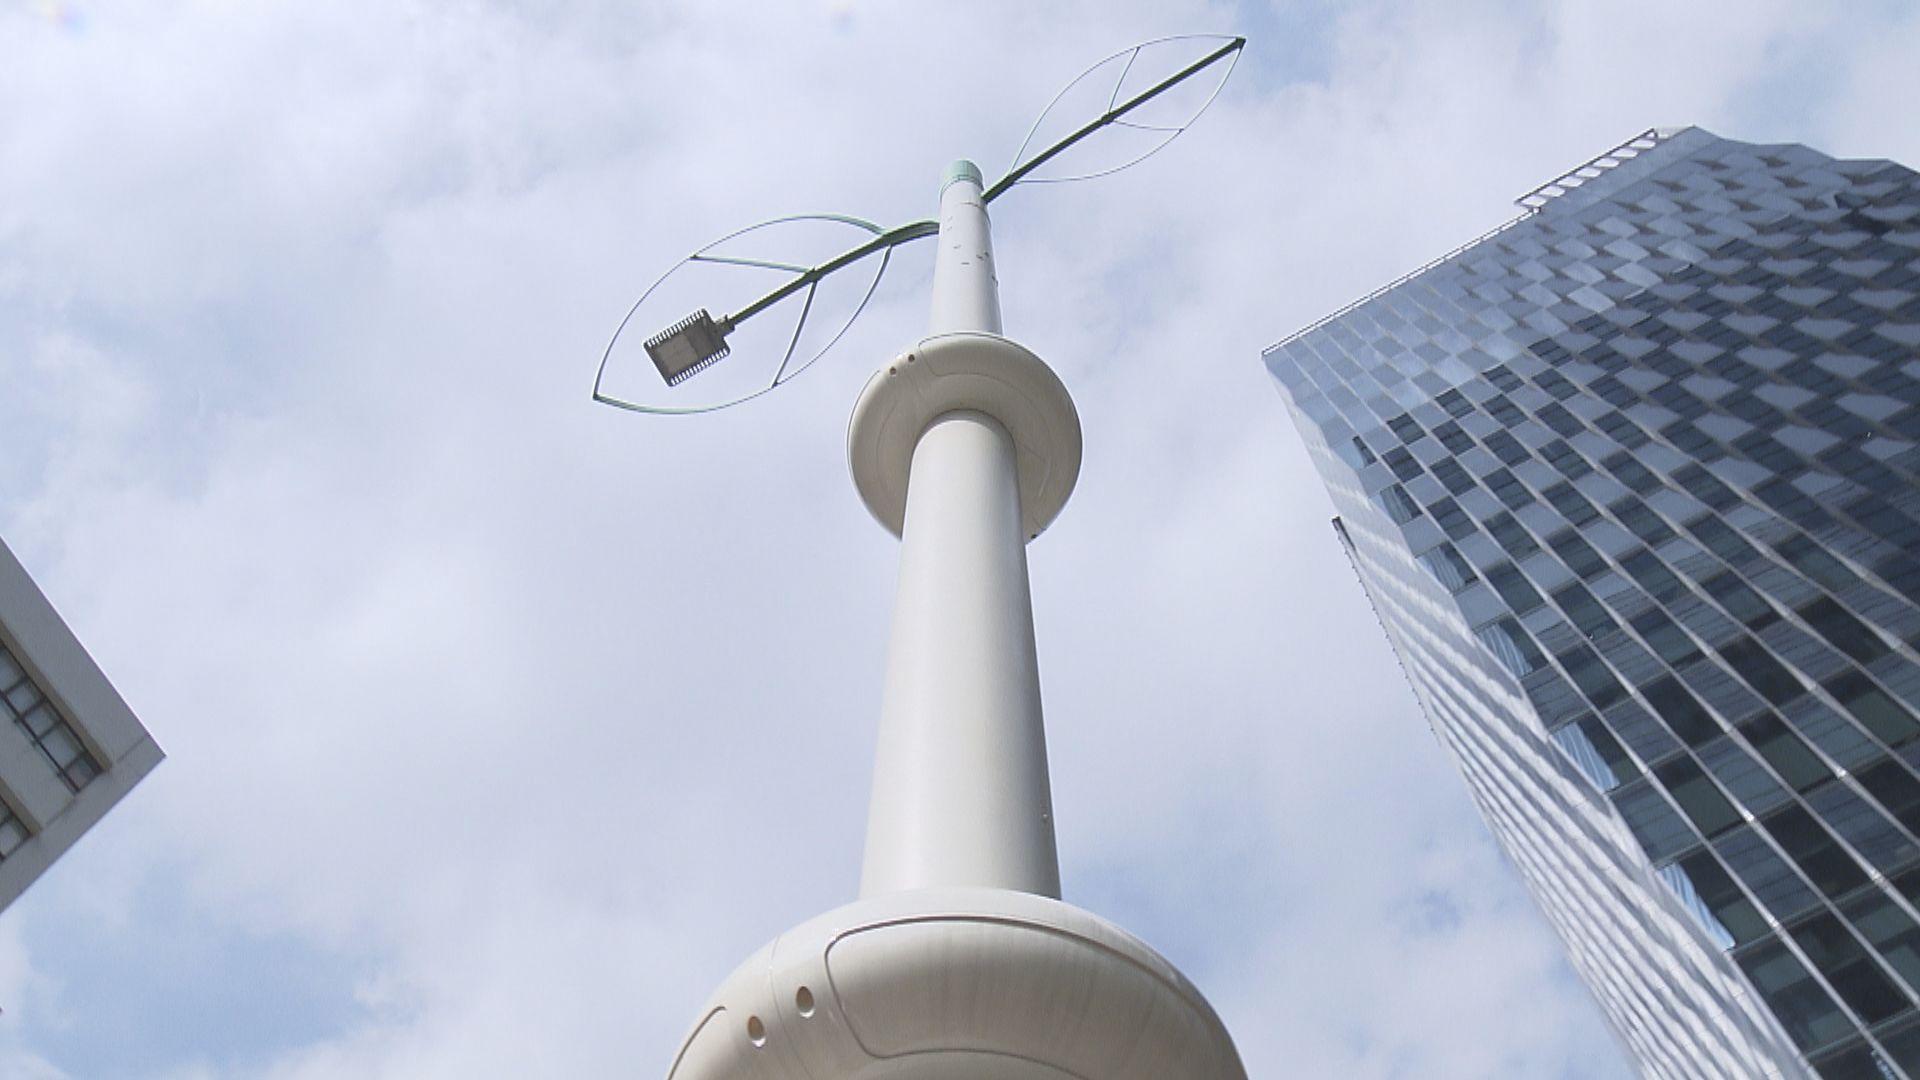 訊科:將停止供應及安裝其他智慧燈柱裝置